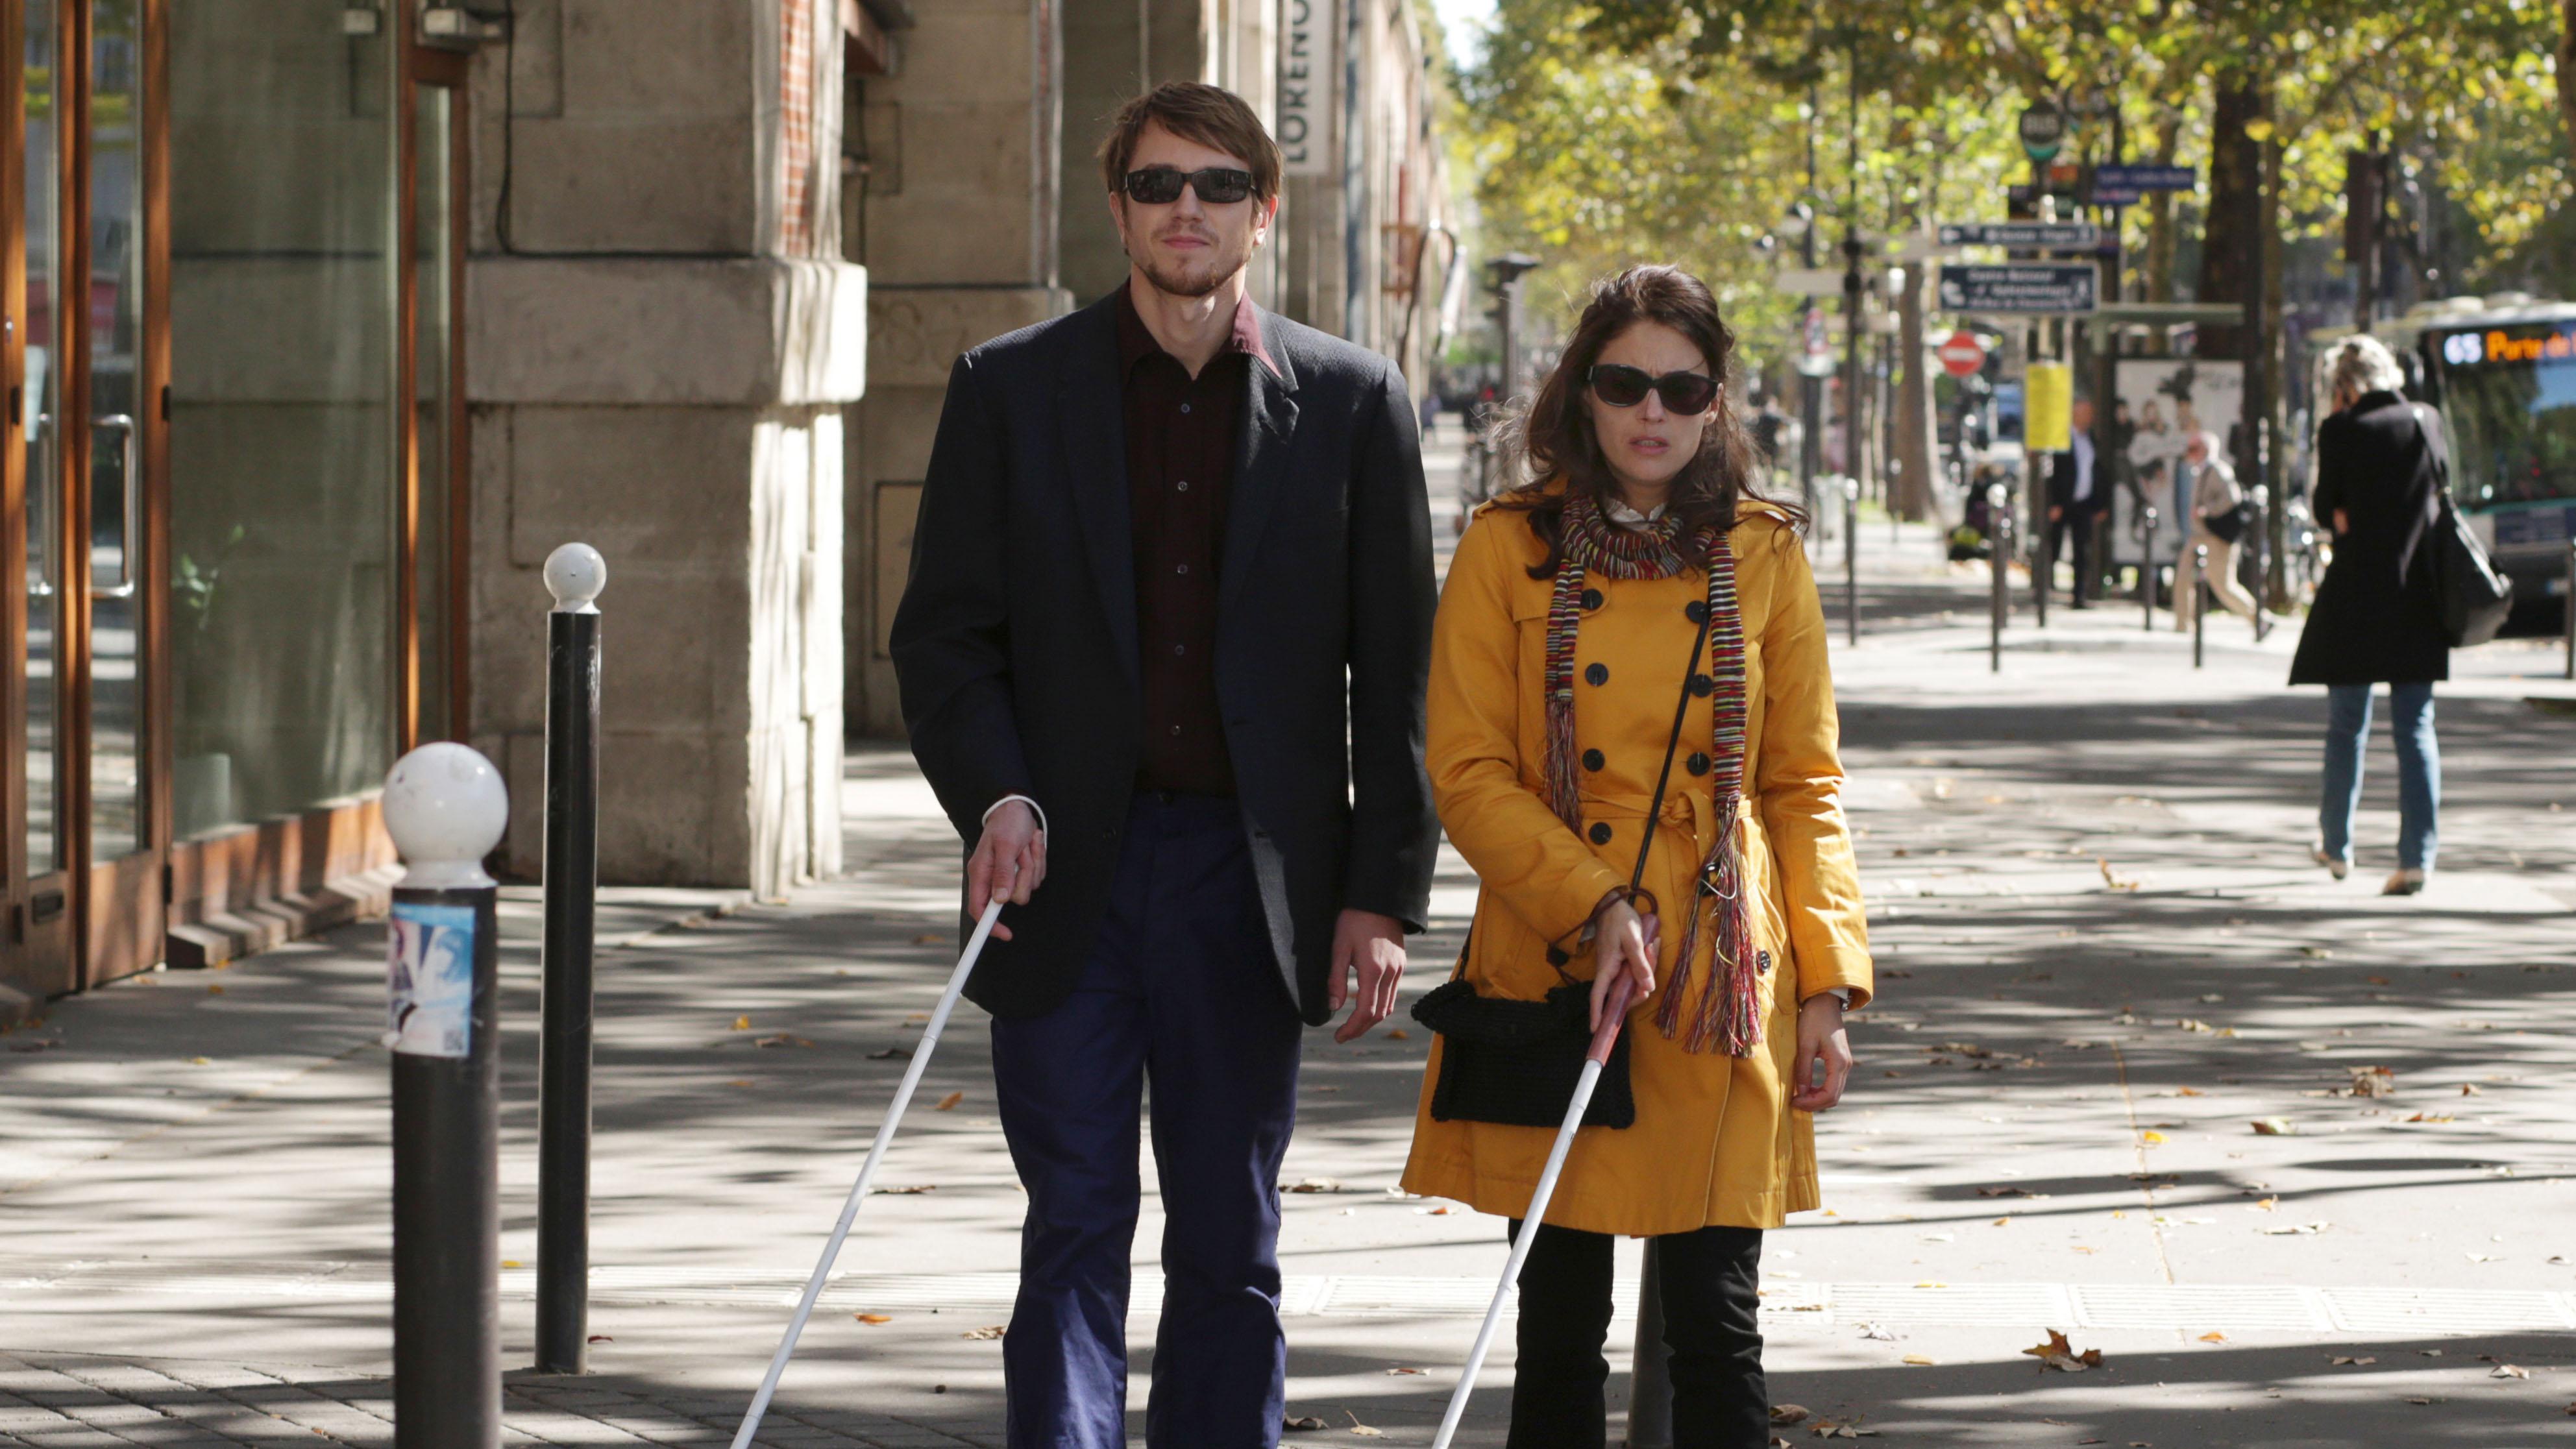 El Festival de Cine de Gijón dedica una retrospectiva a Axelle Ropert